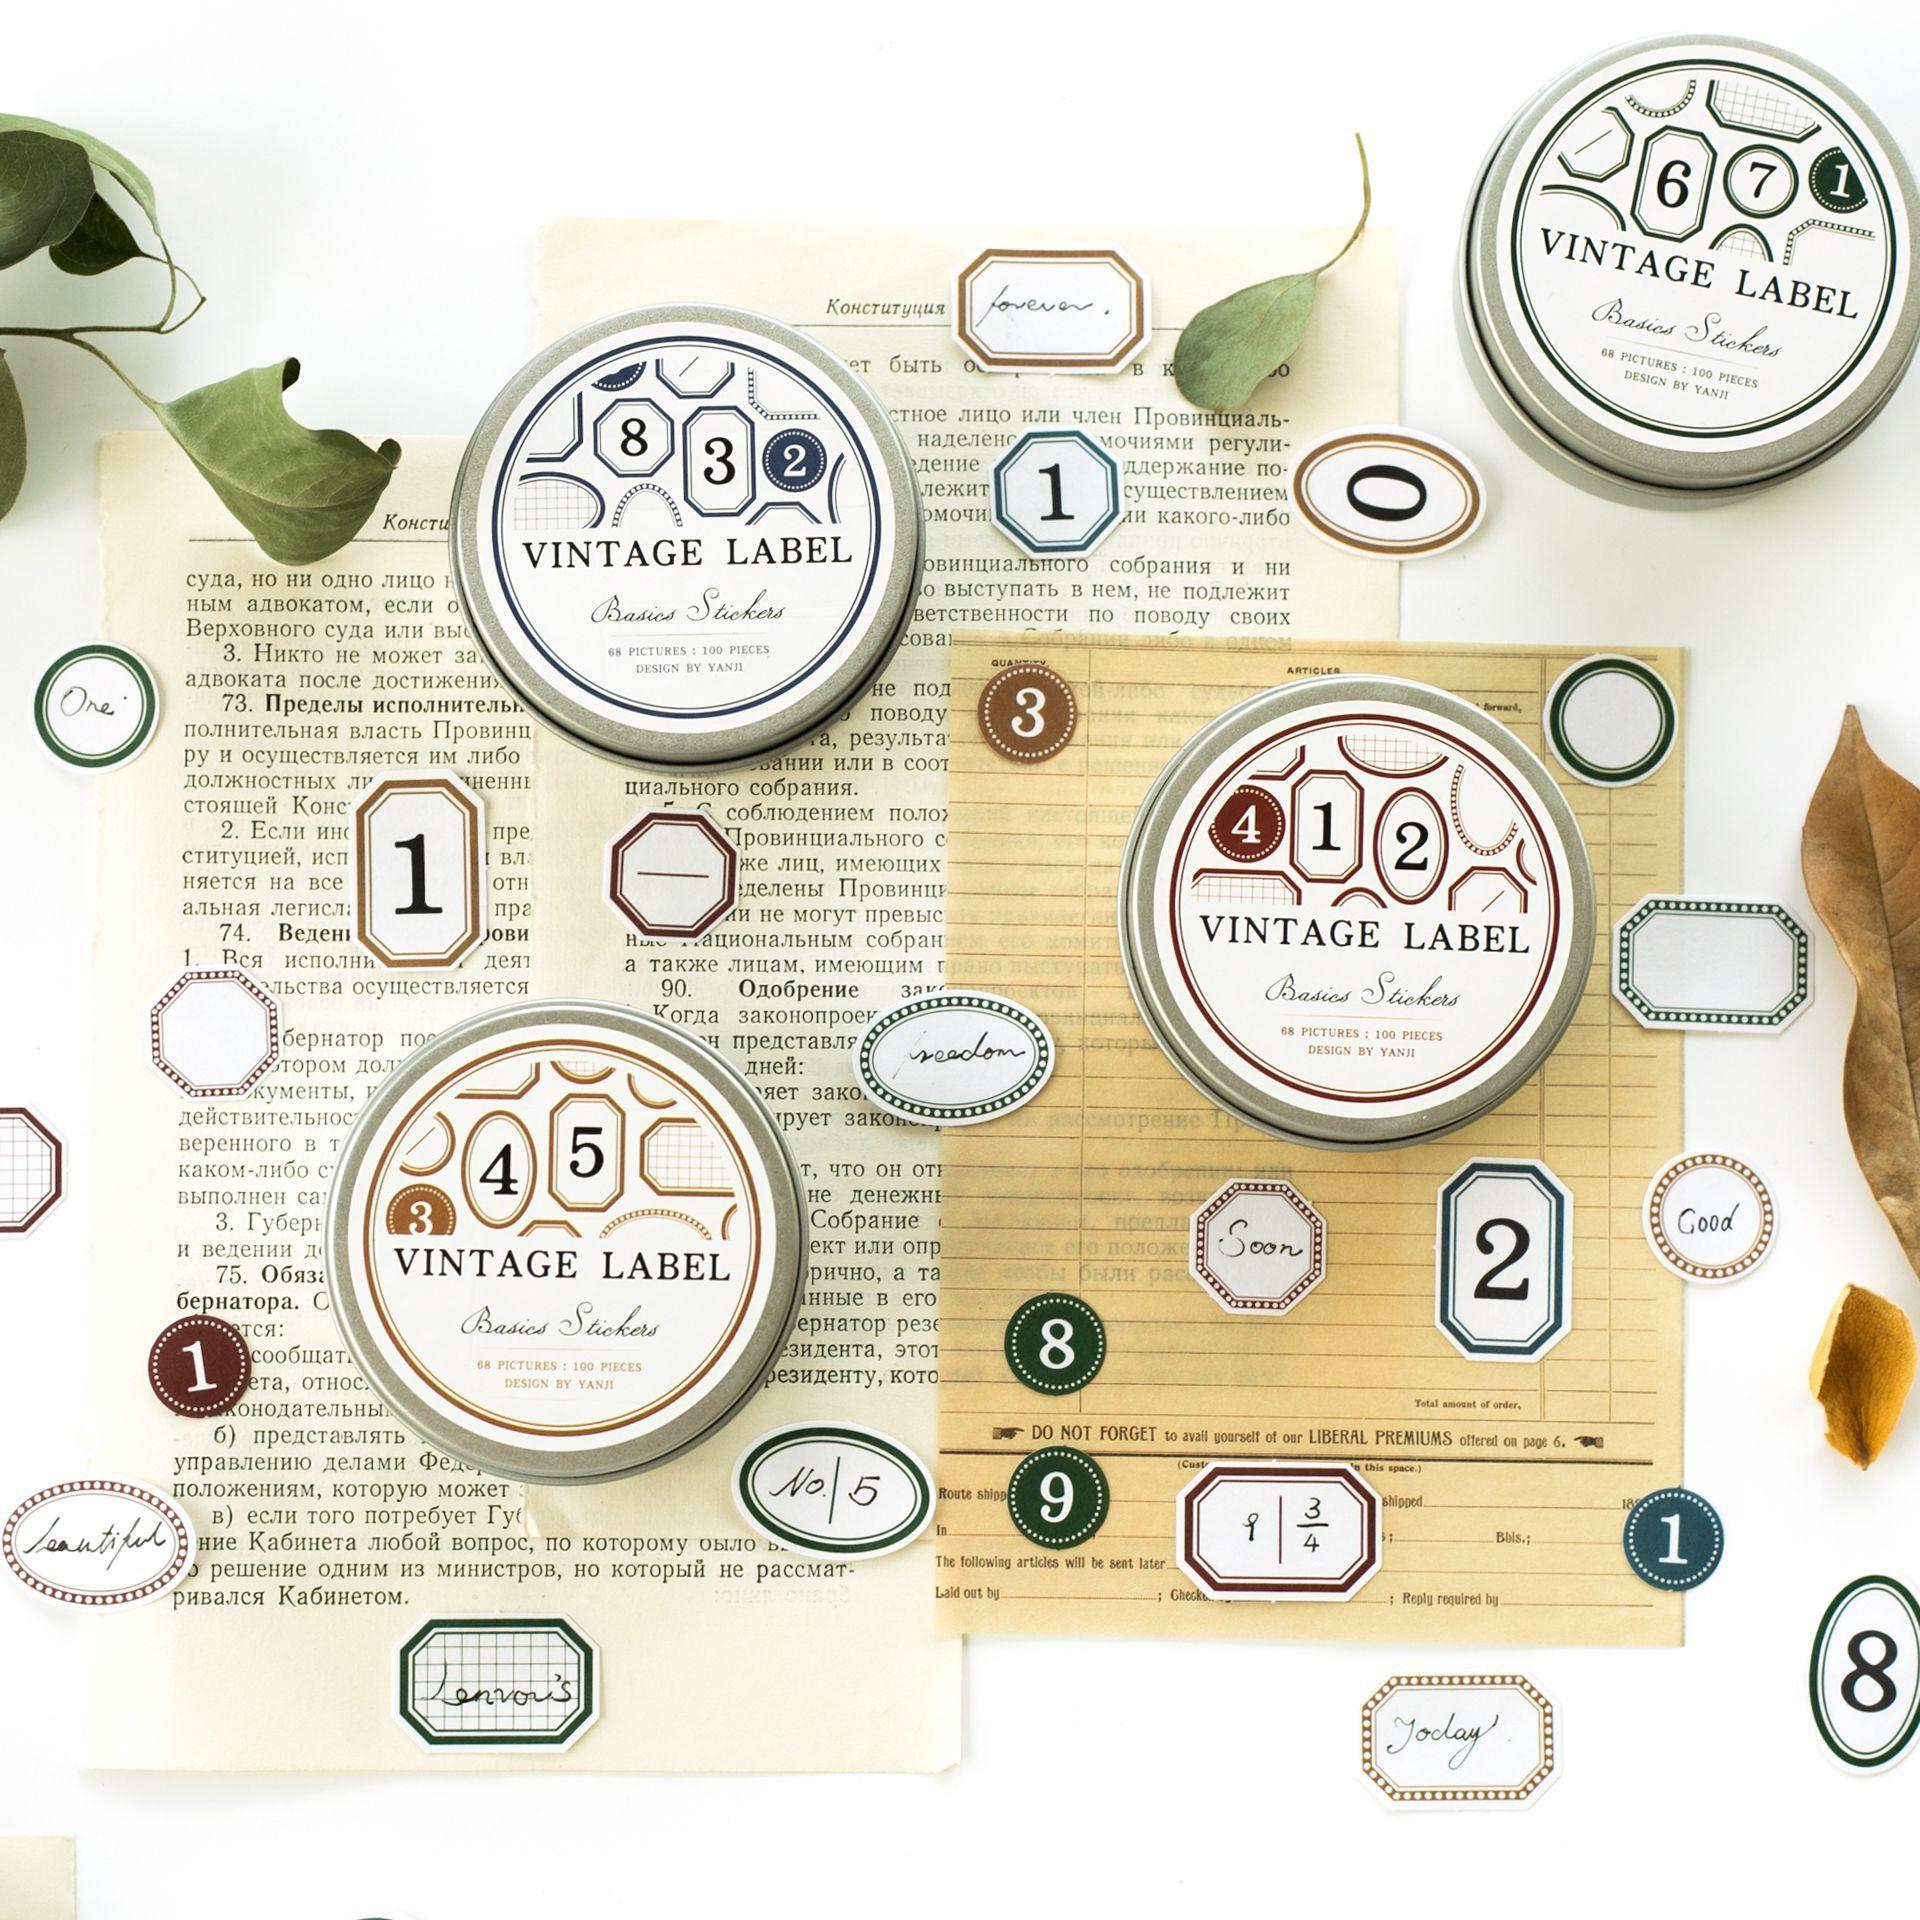 100 шт. серия небольших этикеток в стиле ретро, декоративные простые канцелярские принадлежности, железная коробка, наклейки для скрапбукинг...